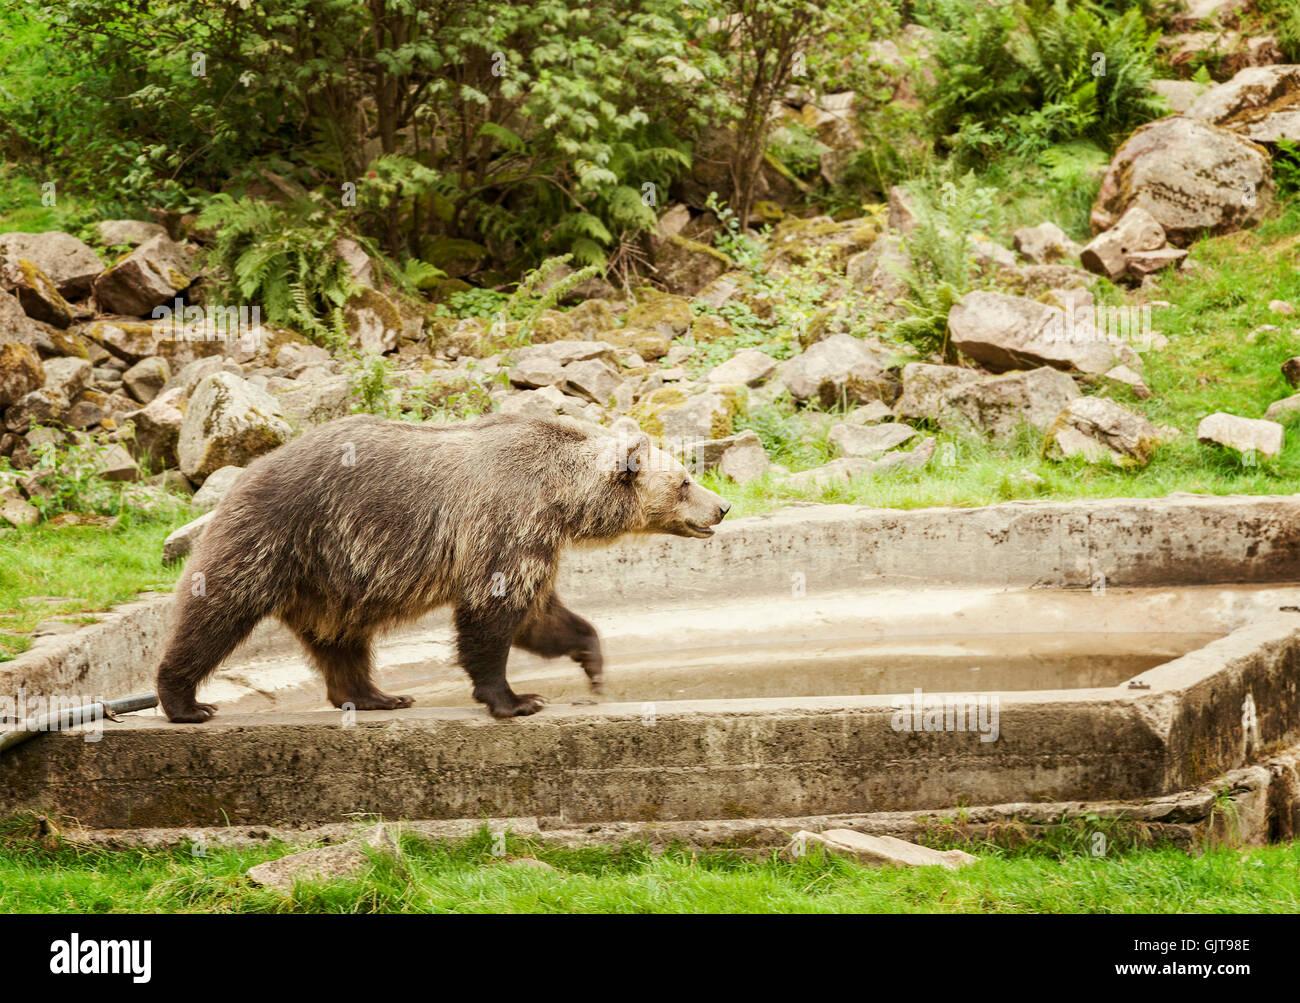 Imagen de un oso pardo en el parque de animales. Suecia. Foto de stock